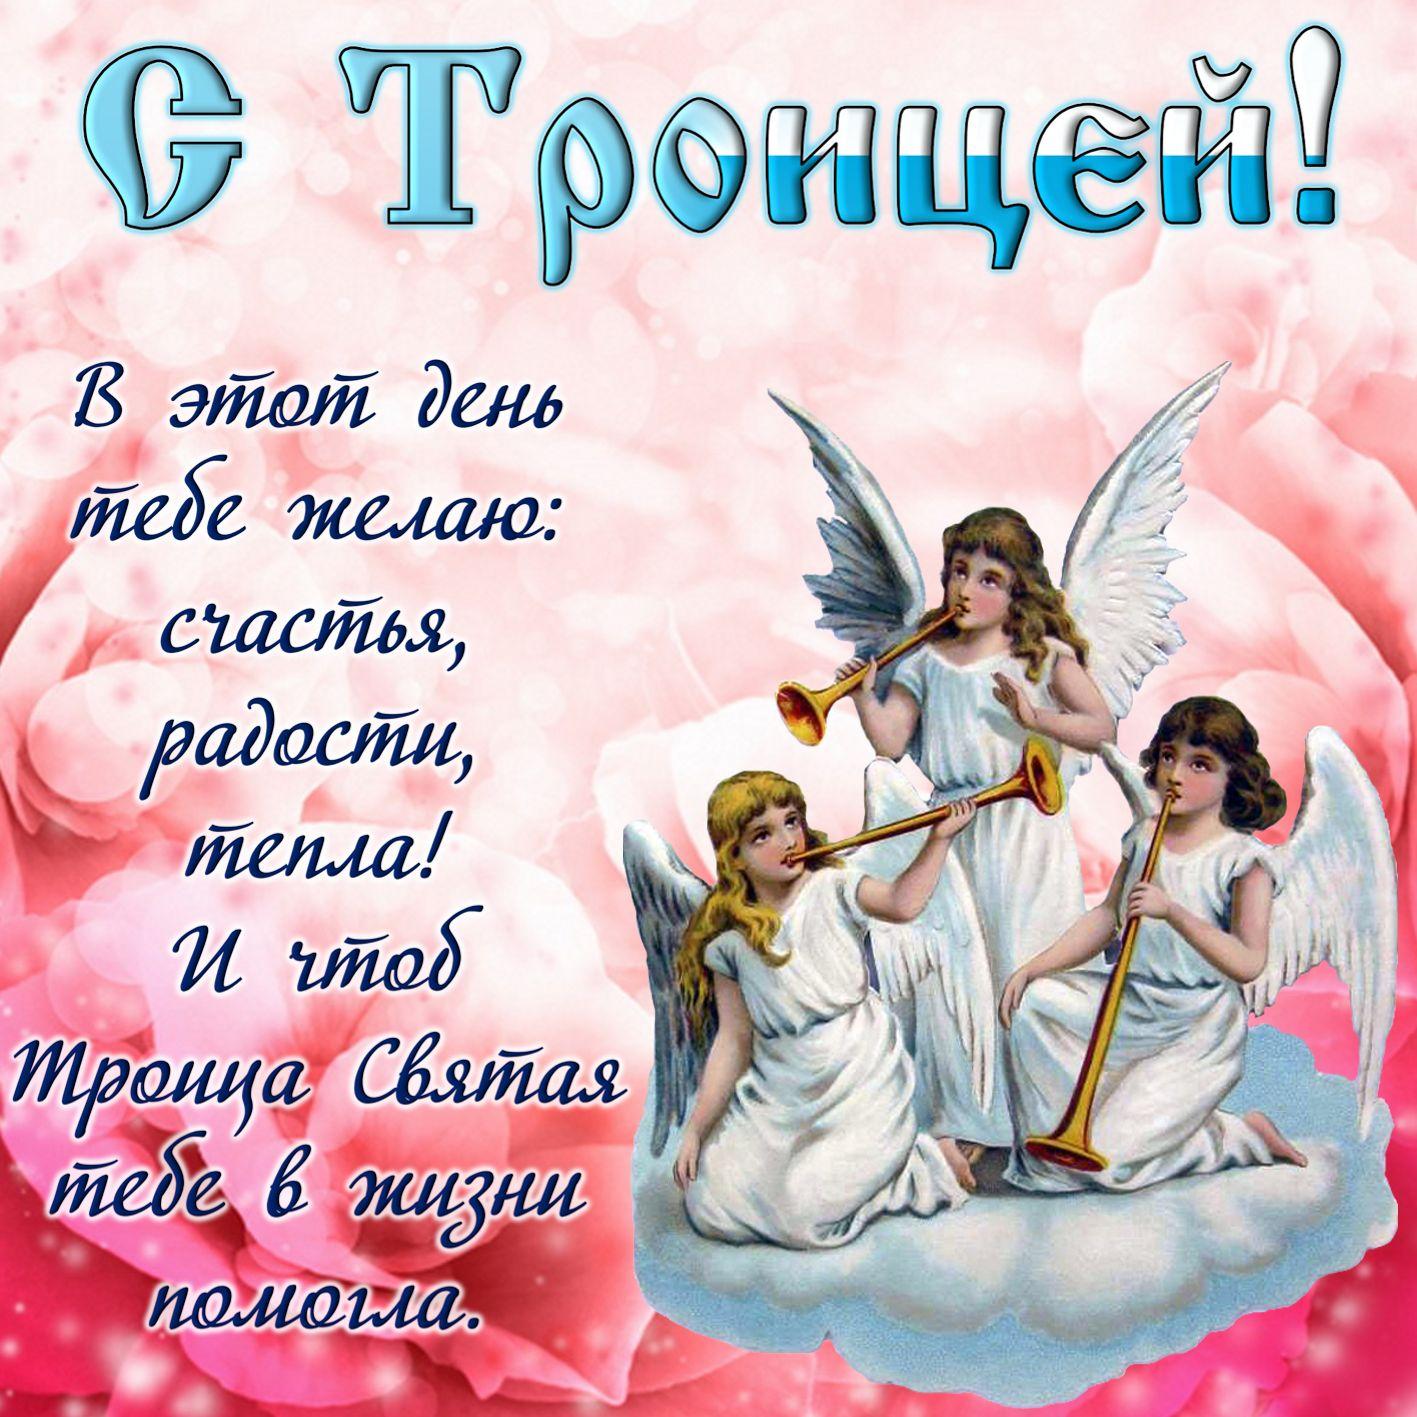 Ангелочки и пожелание на Троицу